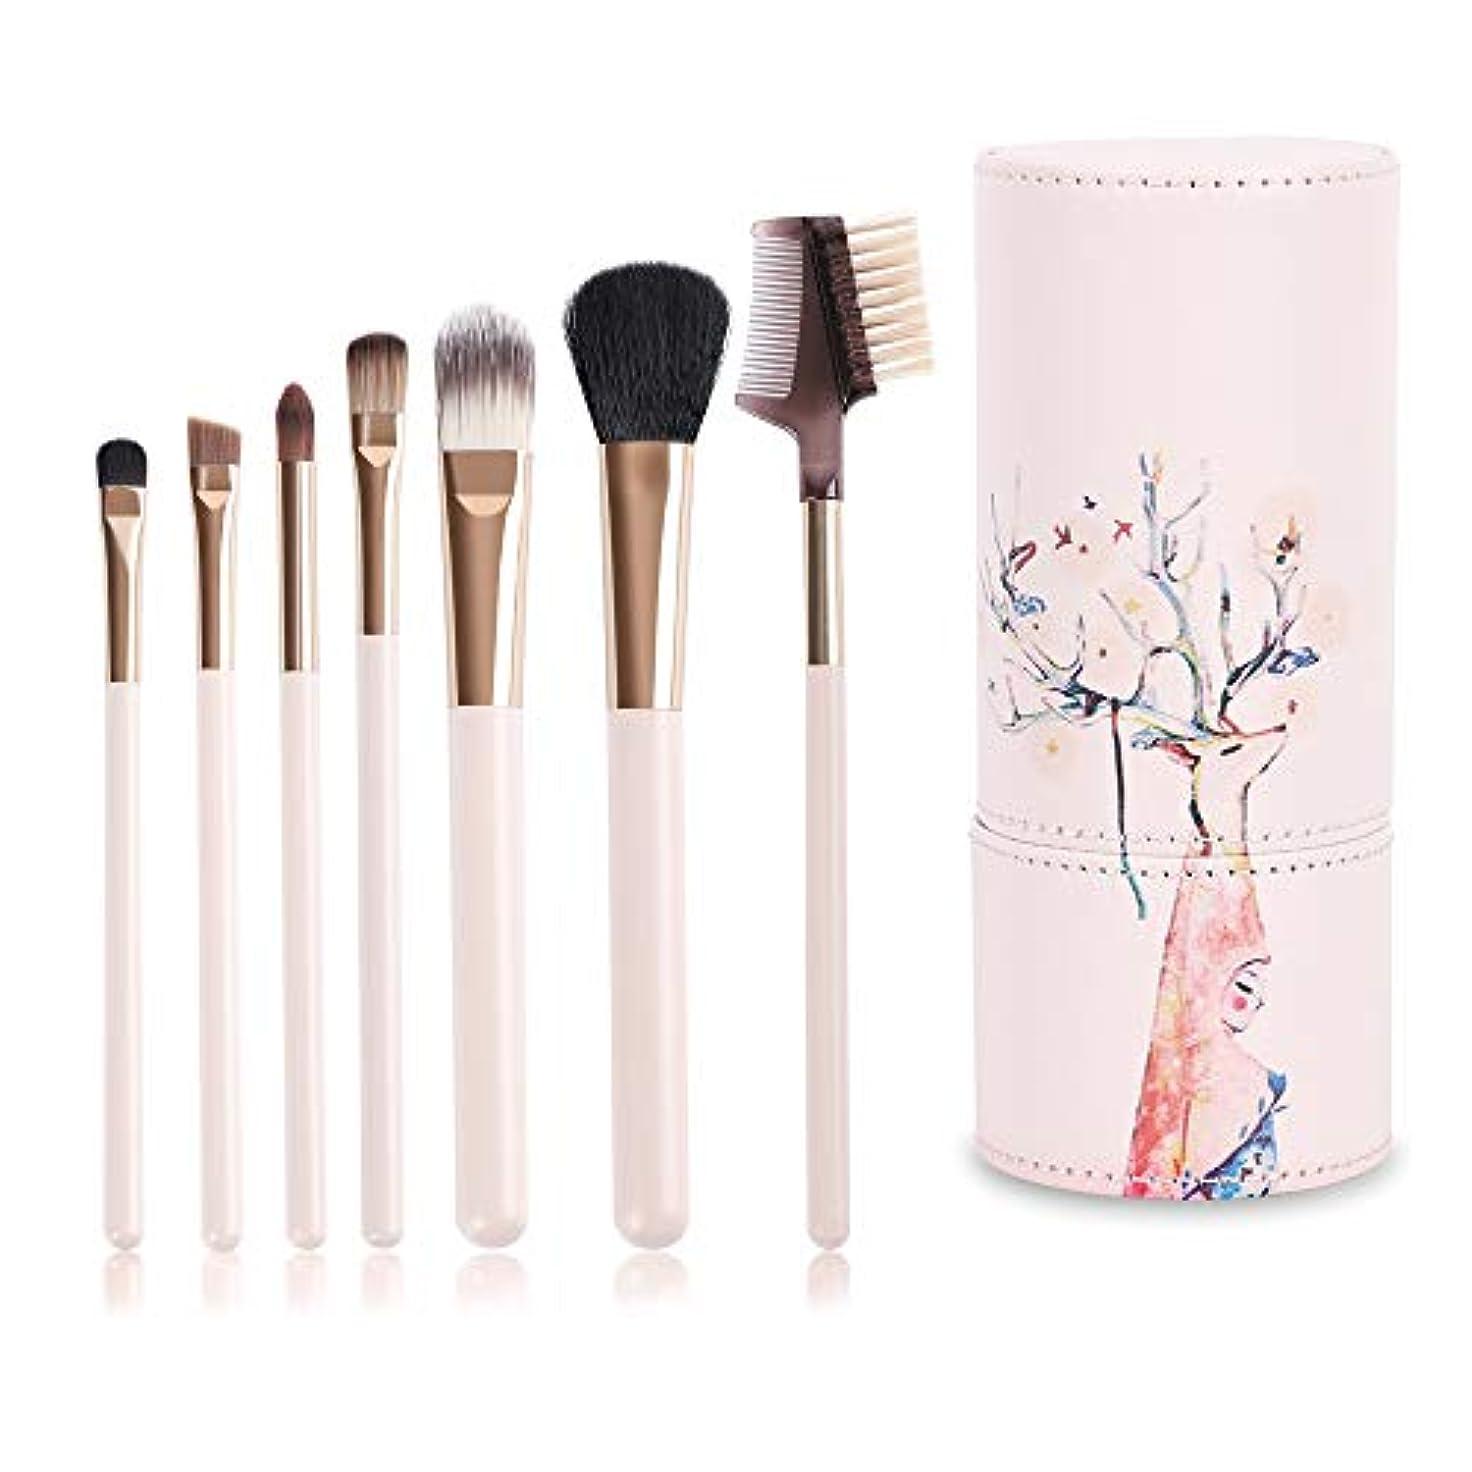 広告するロータリー騙すメイクブラシ YCM 7本セット 化粧ブラシセット 化粧筆 超柔らかい